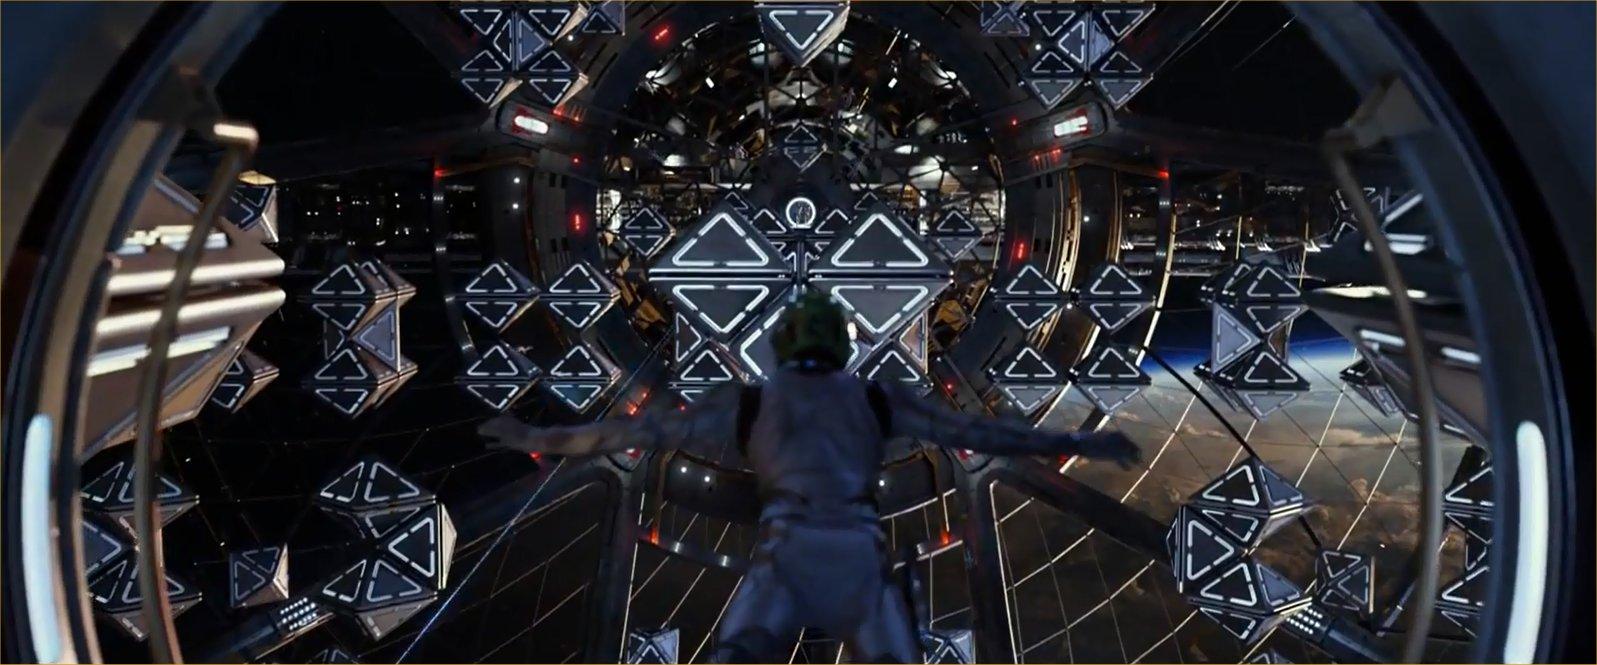 Ender's Game - Câu chuyện của quá khứ, cuộc chiến của thời đại